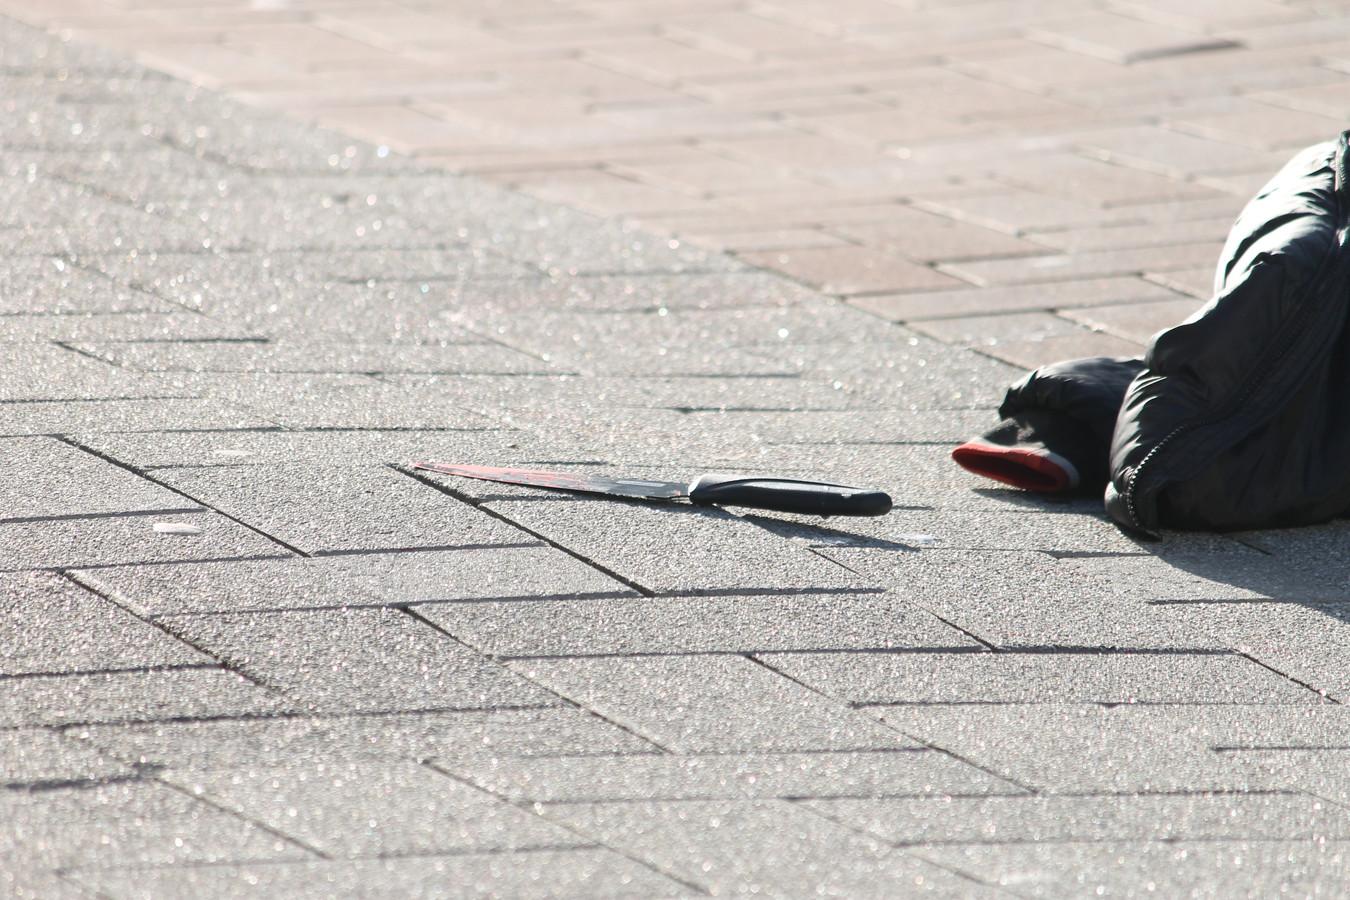 De politie vond na de steekpartij een bebloed mes op straat.